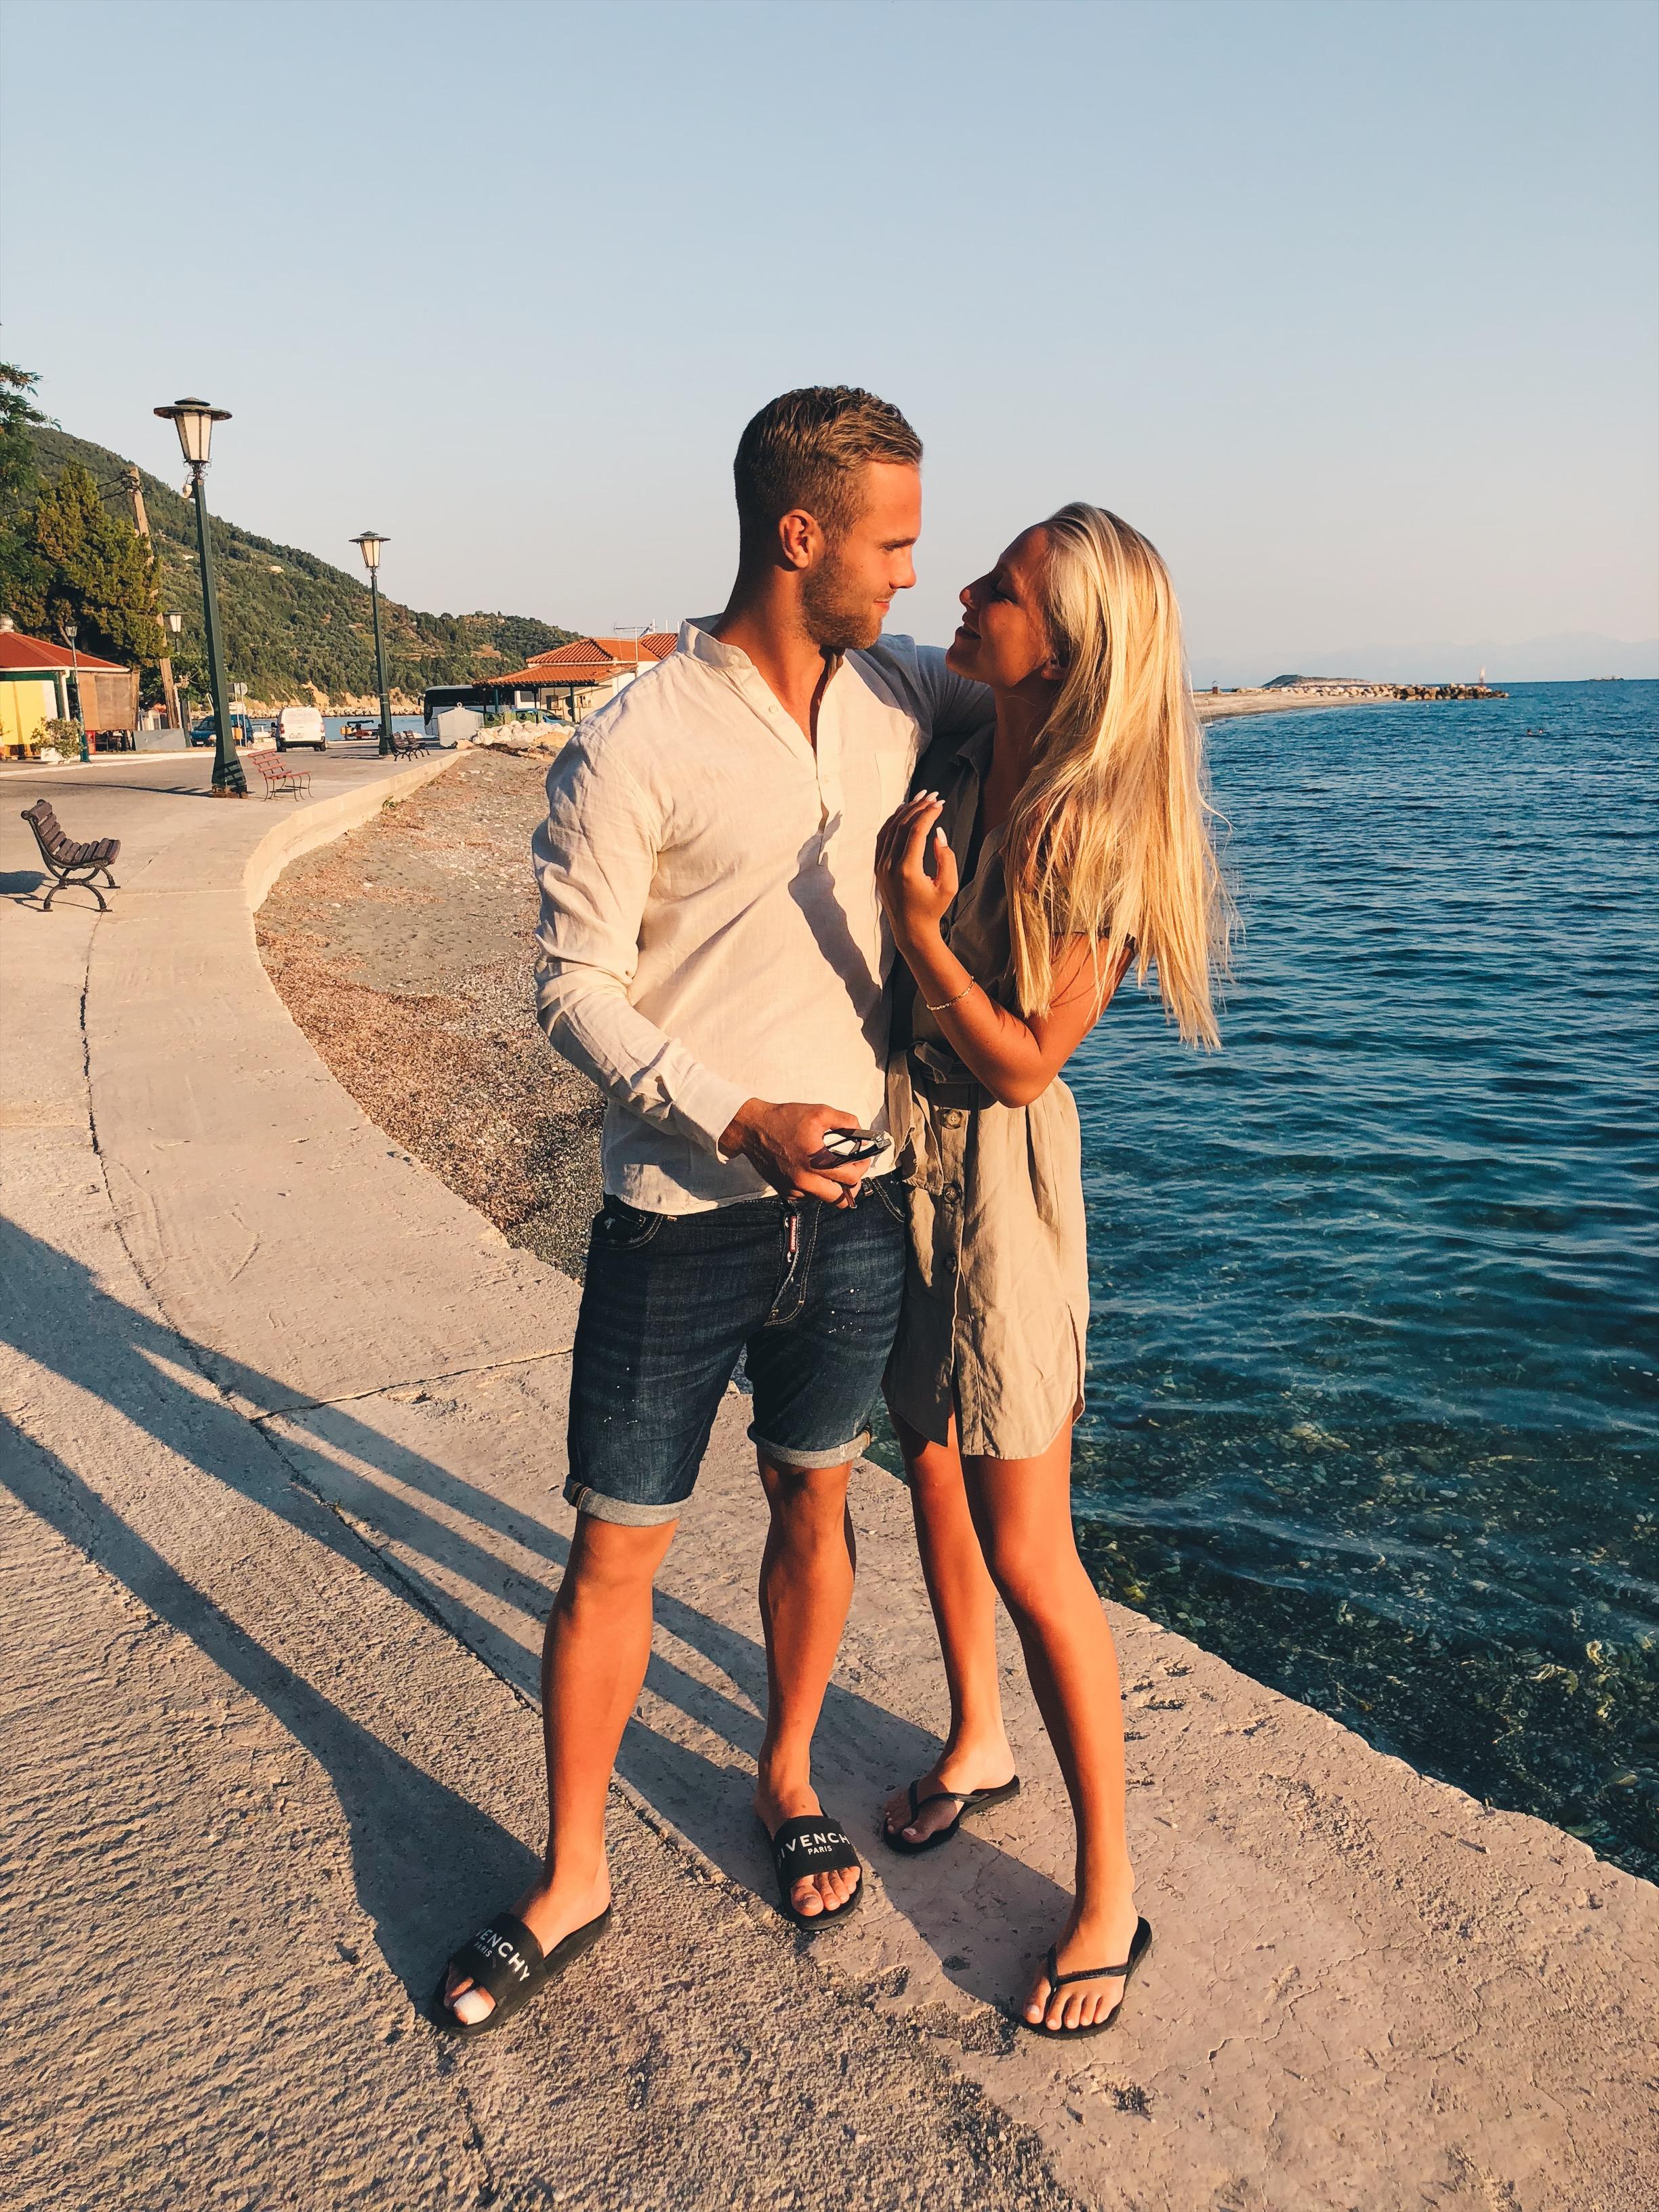 I dating vad betyder första bas betyda